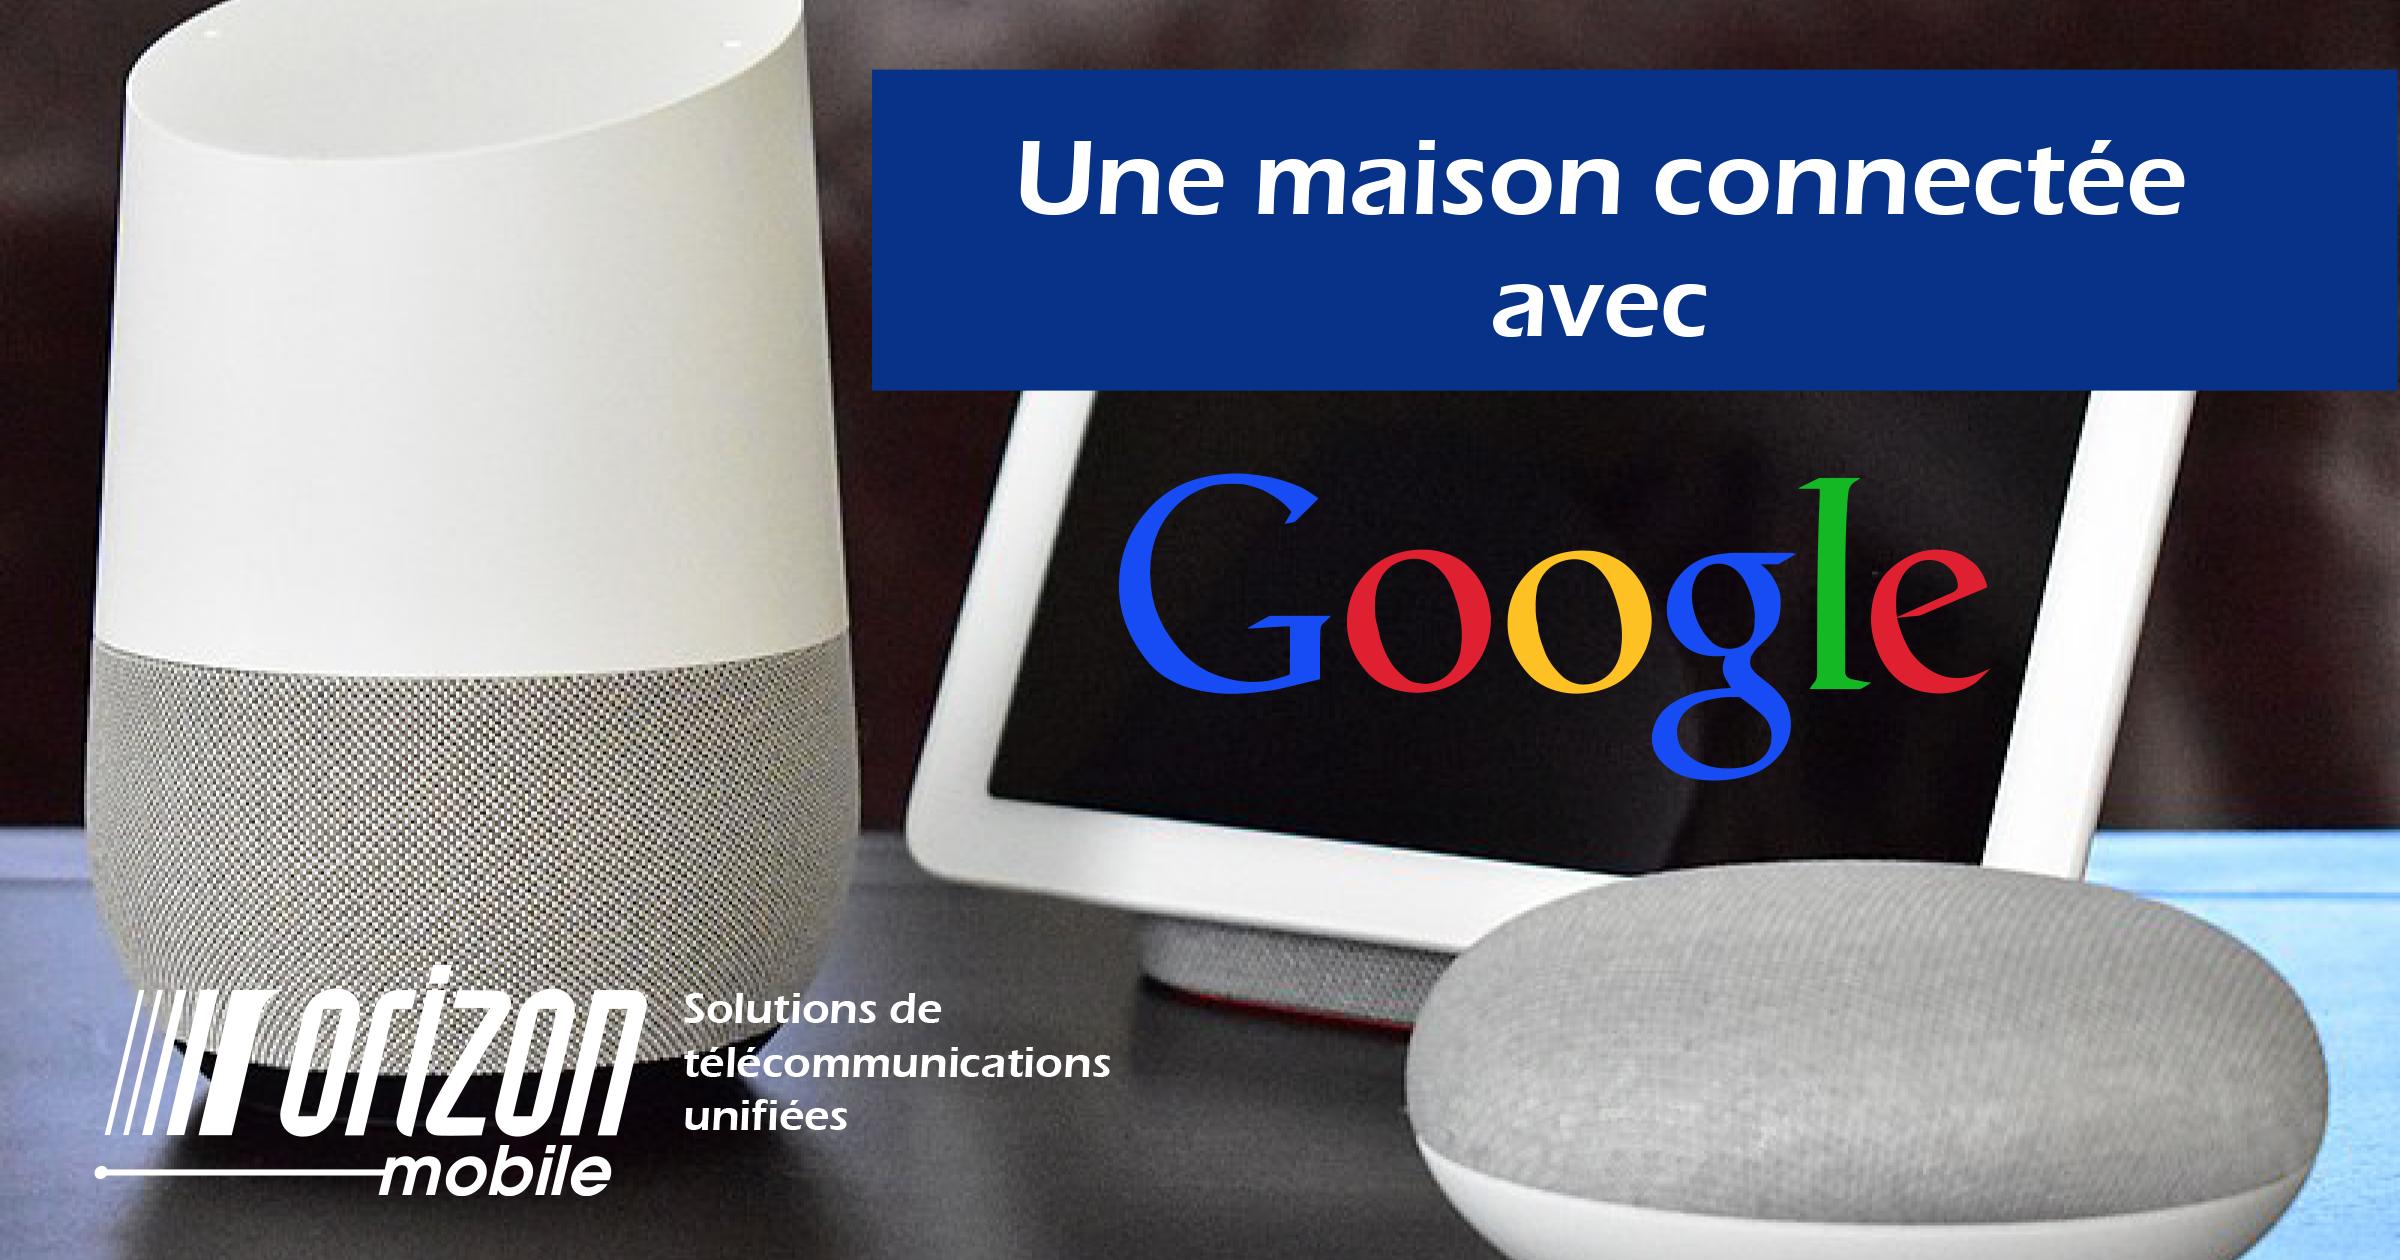 Maison connectée Google